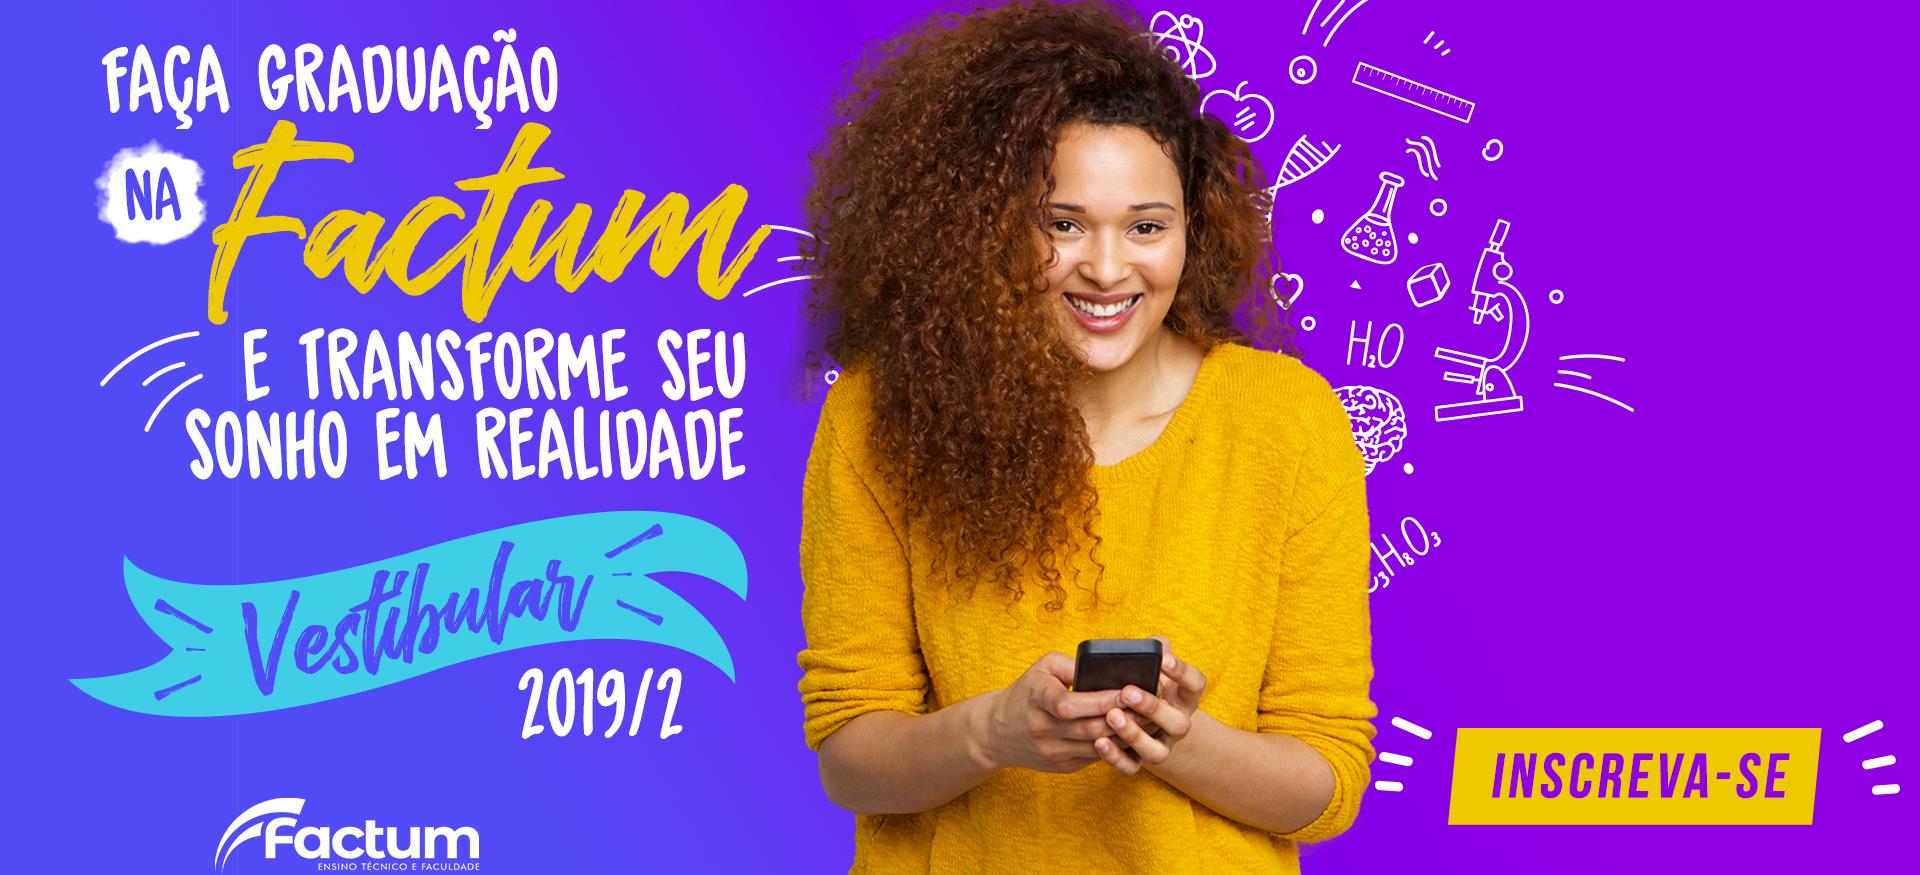 Factum Graduação 2019/2